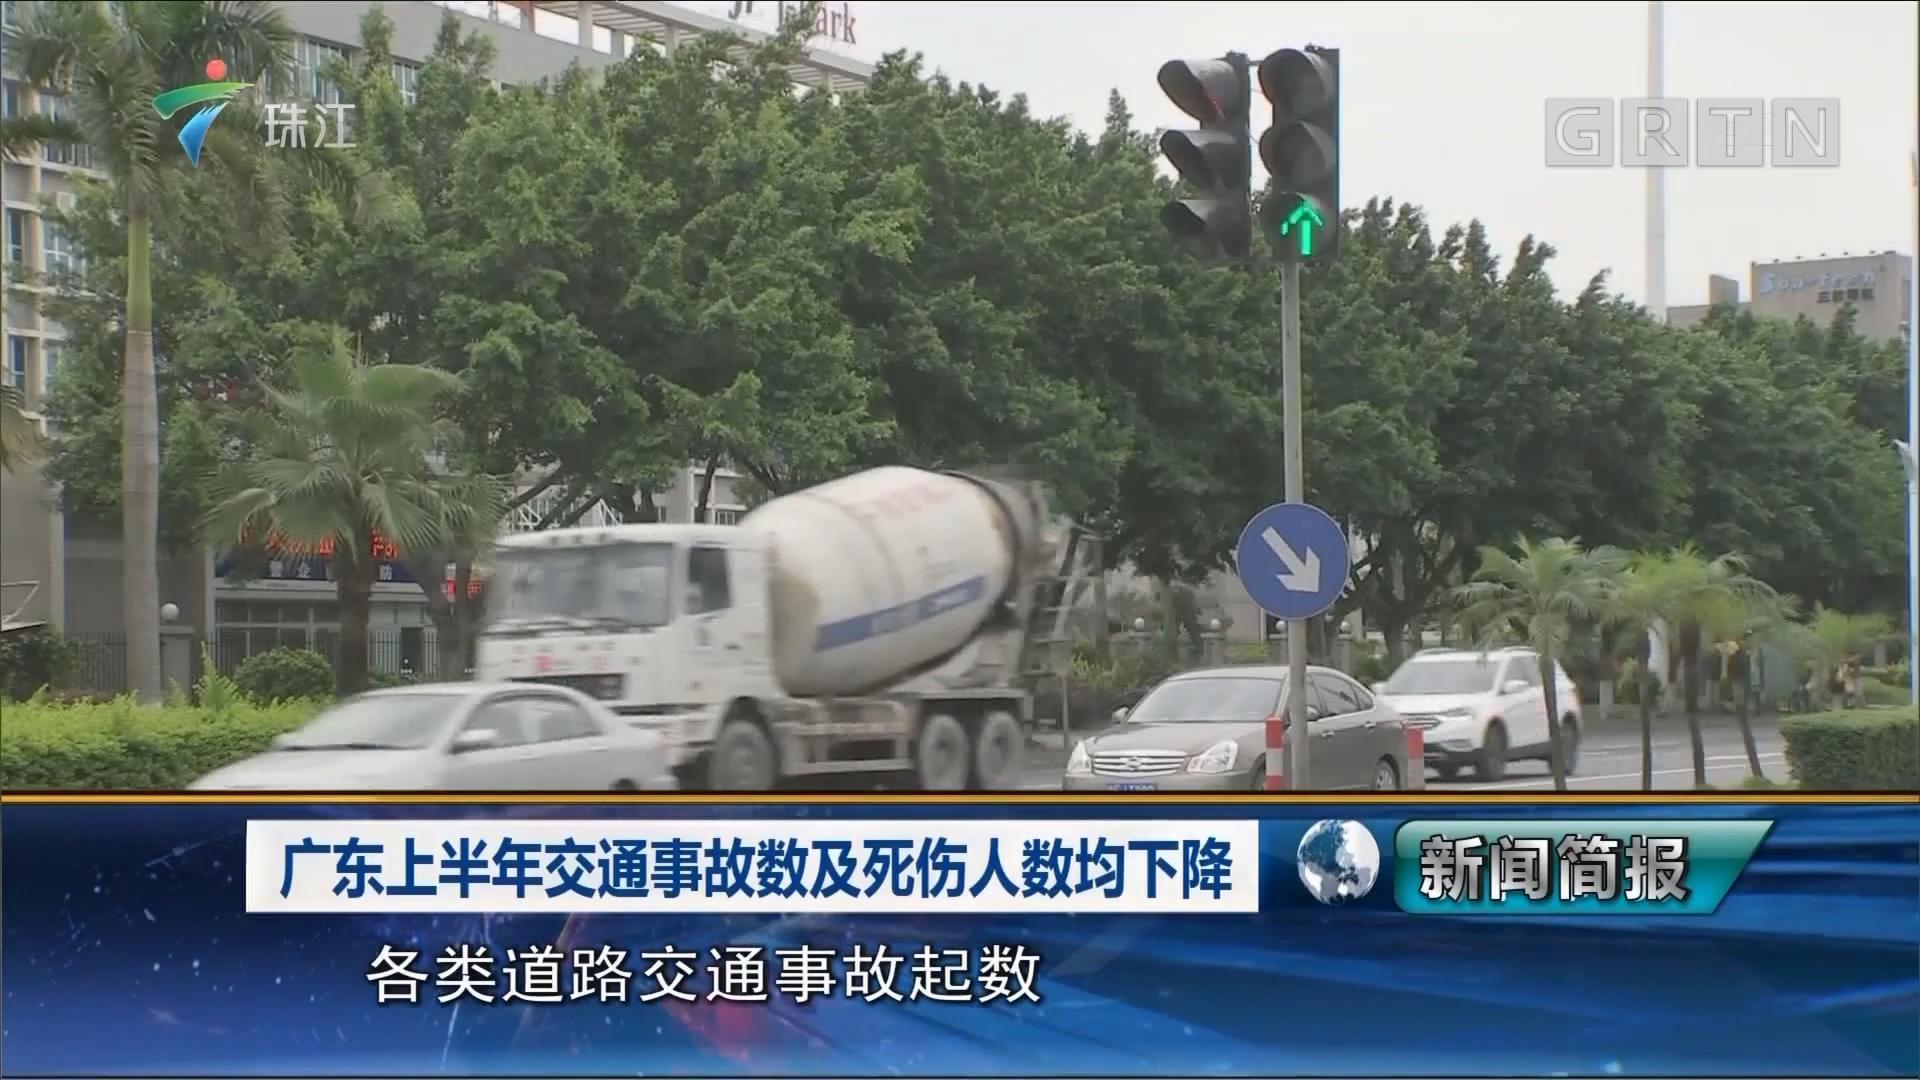 广东上半年交通事故数及死伤人数均下降